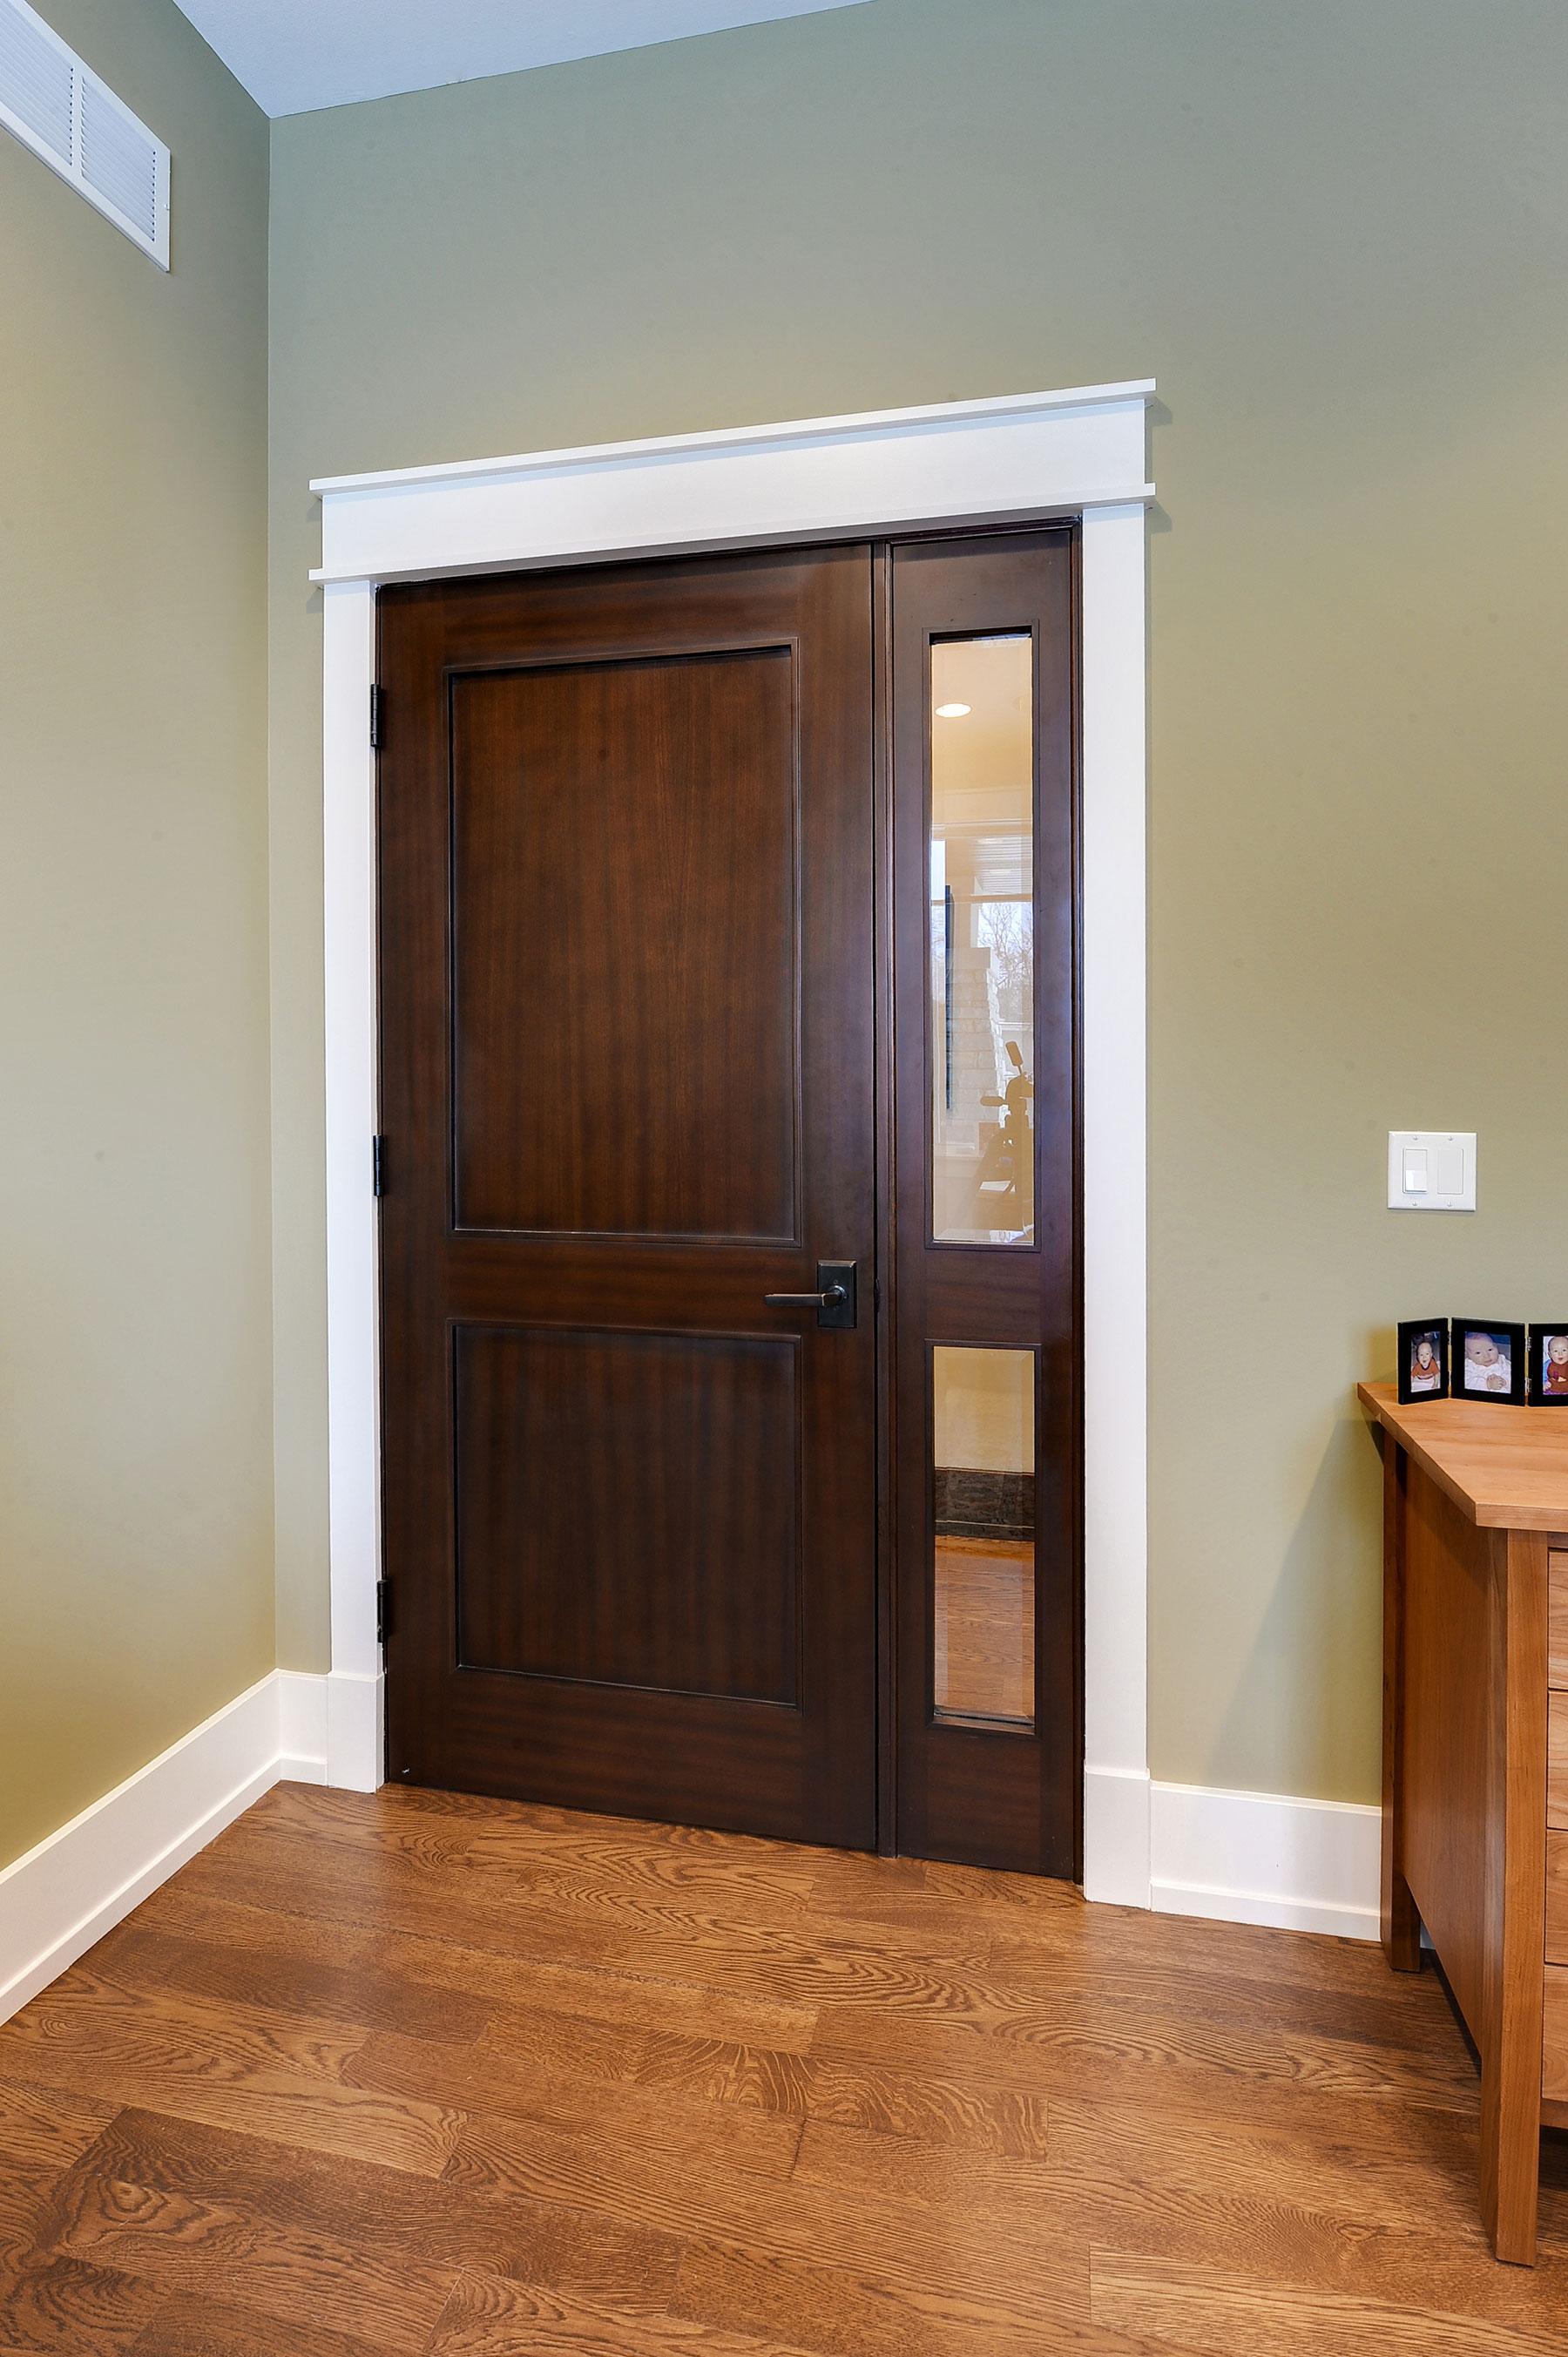 Custom Wood Interior Doors | Custom Interior Door with 1 Sidelite,  Beveled Glass  - Glenview Doors - Custom Doors in Chicago